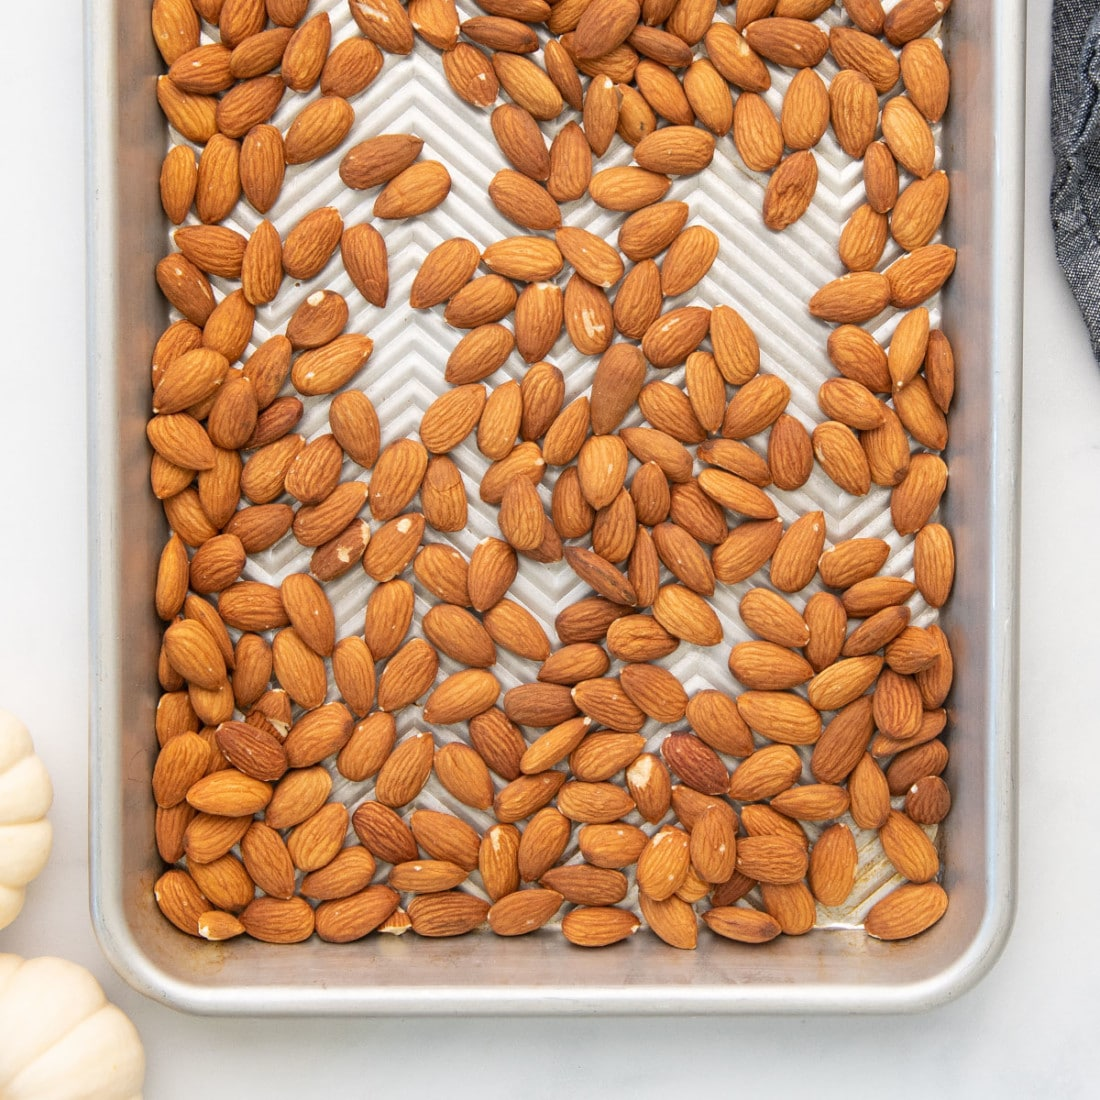 raw almonds on baking sheet